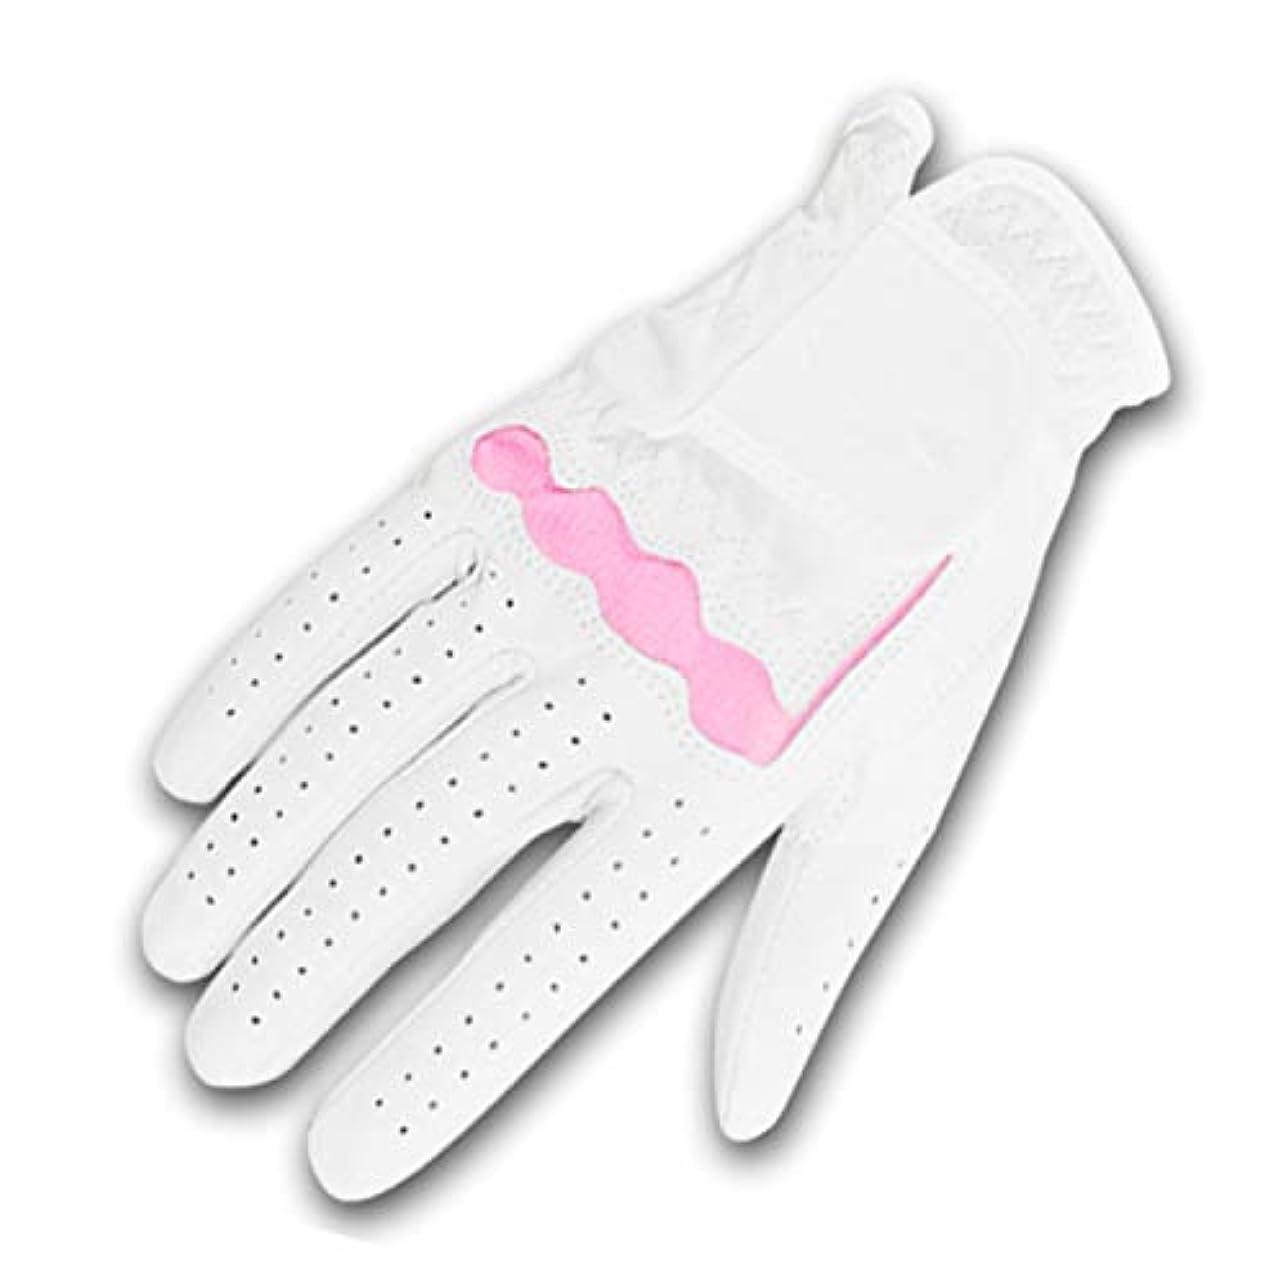 七面鳥十分です宝BAJIMI 手袋 グローブ レディース/メンズ ハンド ケア 女性用ゴルフグローブ滑り止めグローブで手を保護 裏起毛 おしゃれ 手触りが良い 運転 耐磨耗性 換気性